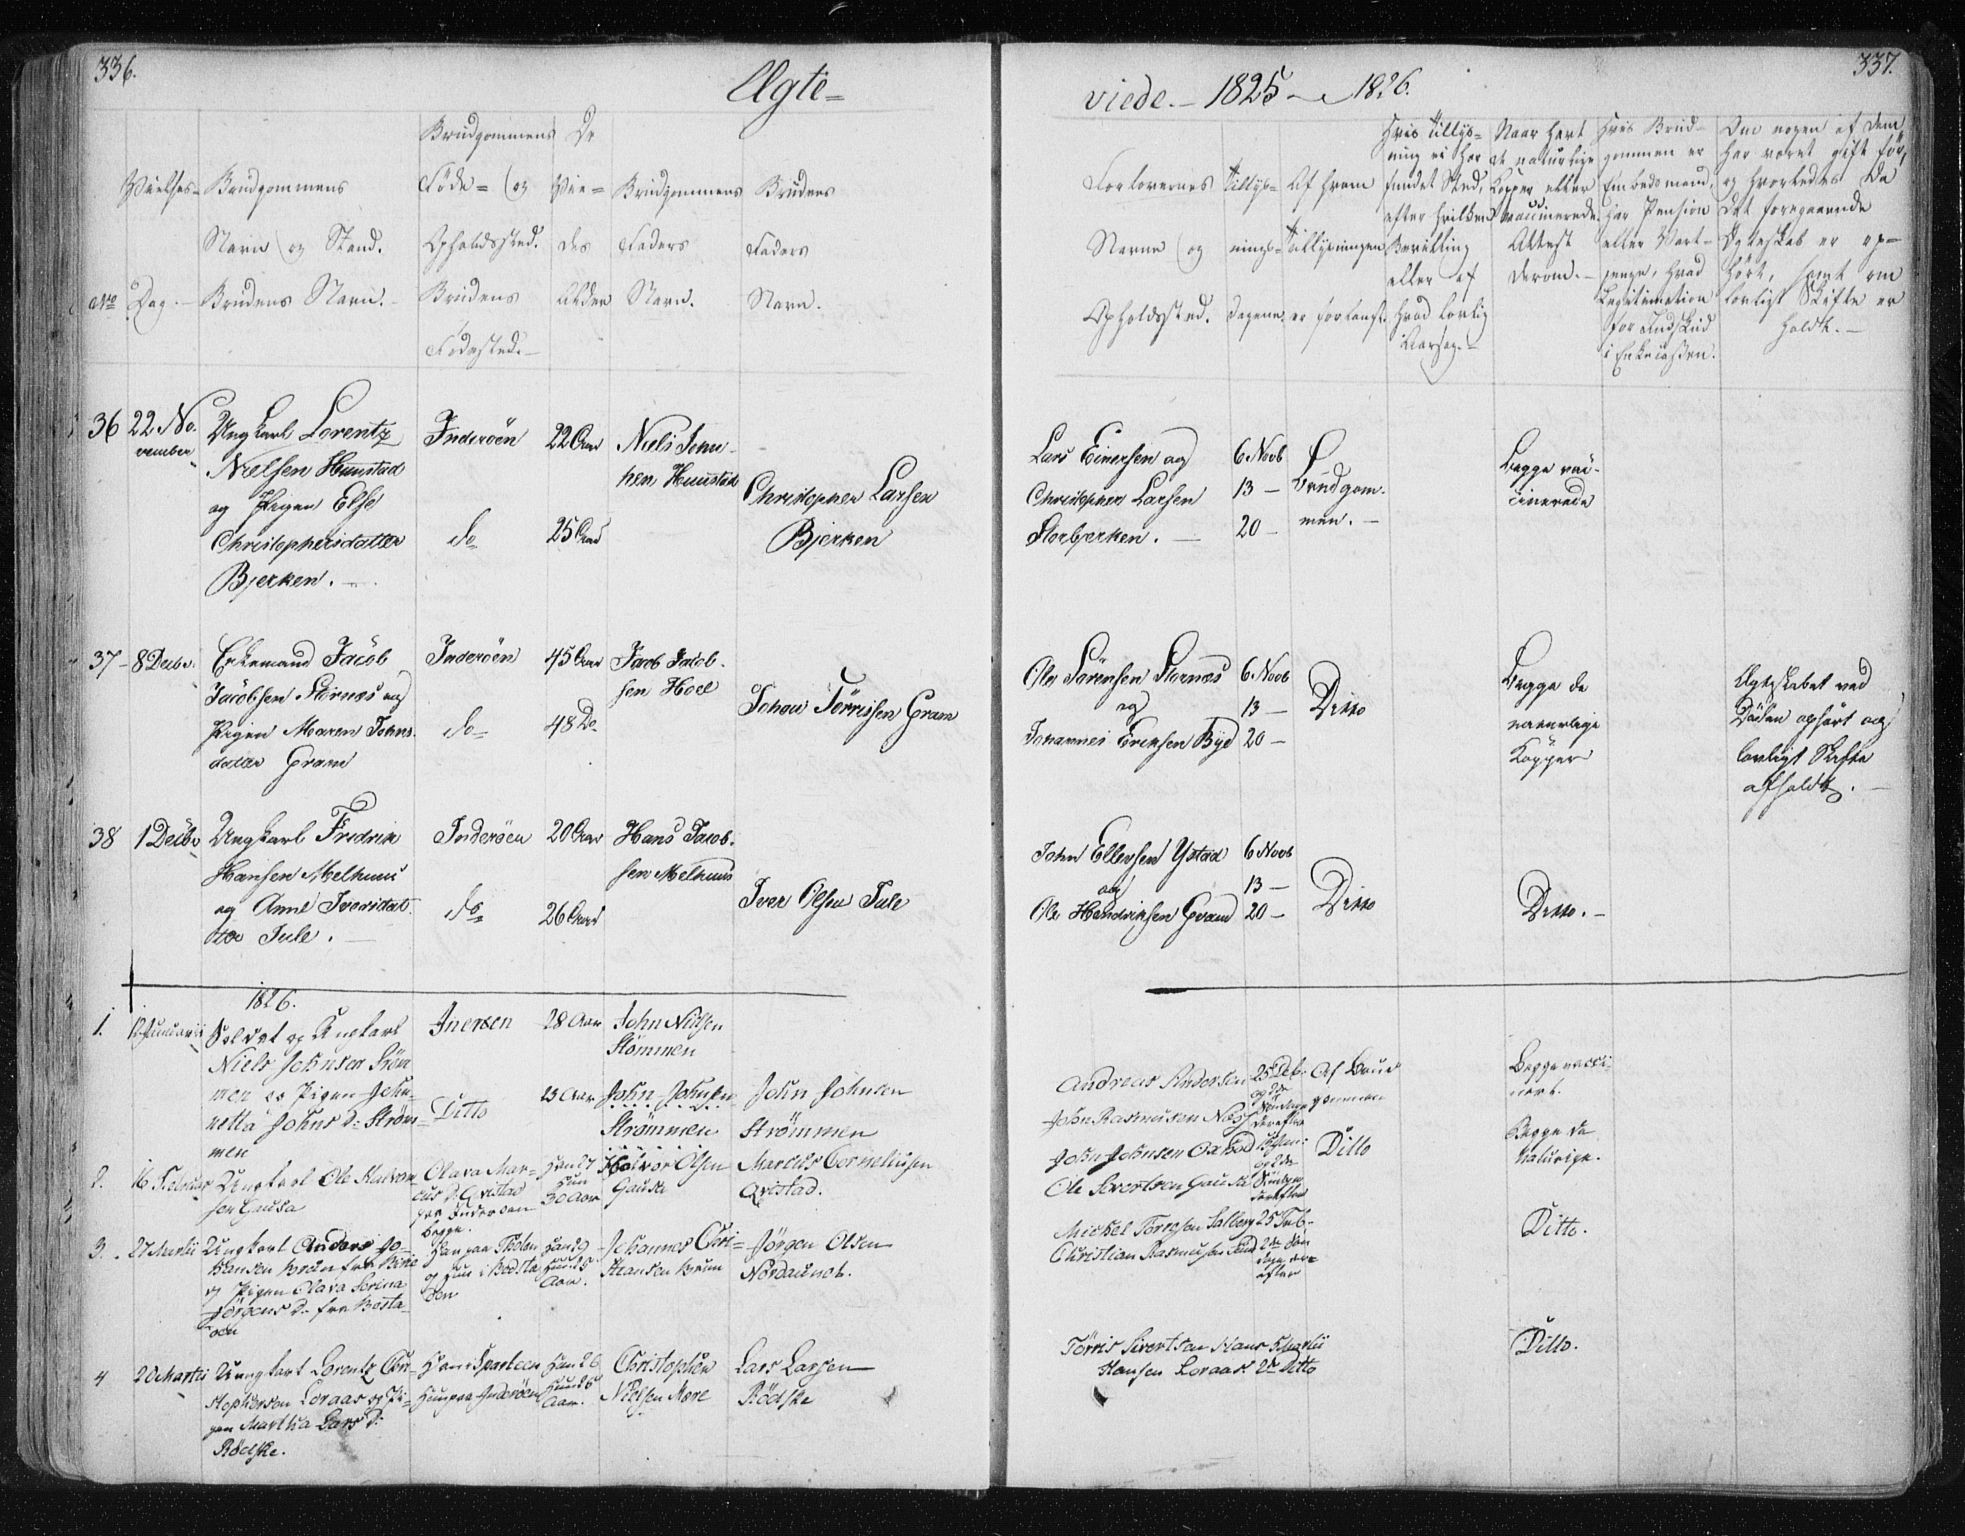 SAT, Ministerialprotokoller, klokkerbøker og fødselsregistre - Nord-Trøndelag, 730/L0276: Ministerialbok nr. 730A05, 1822-1830, s. 336-337